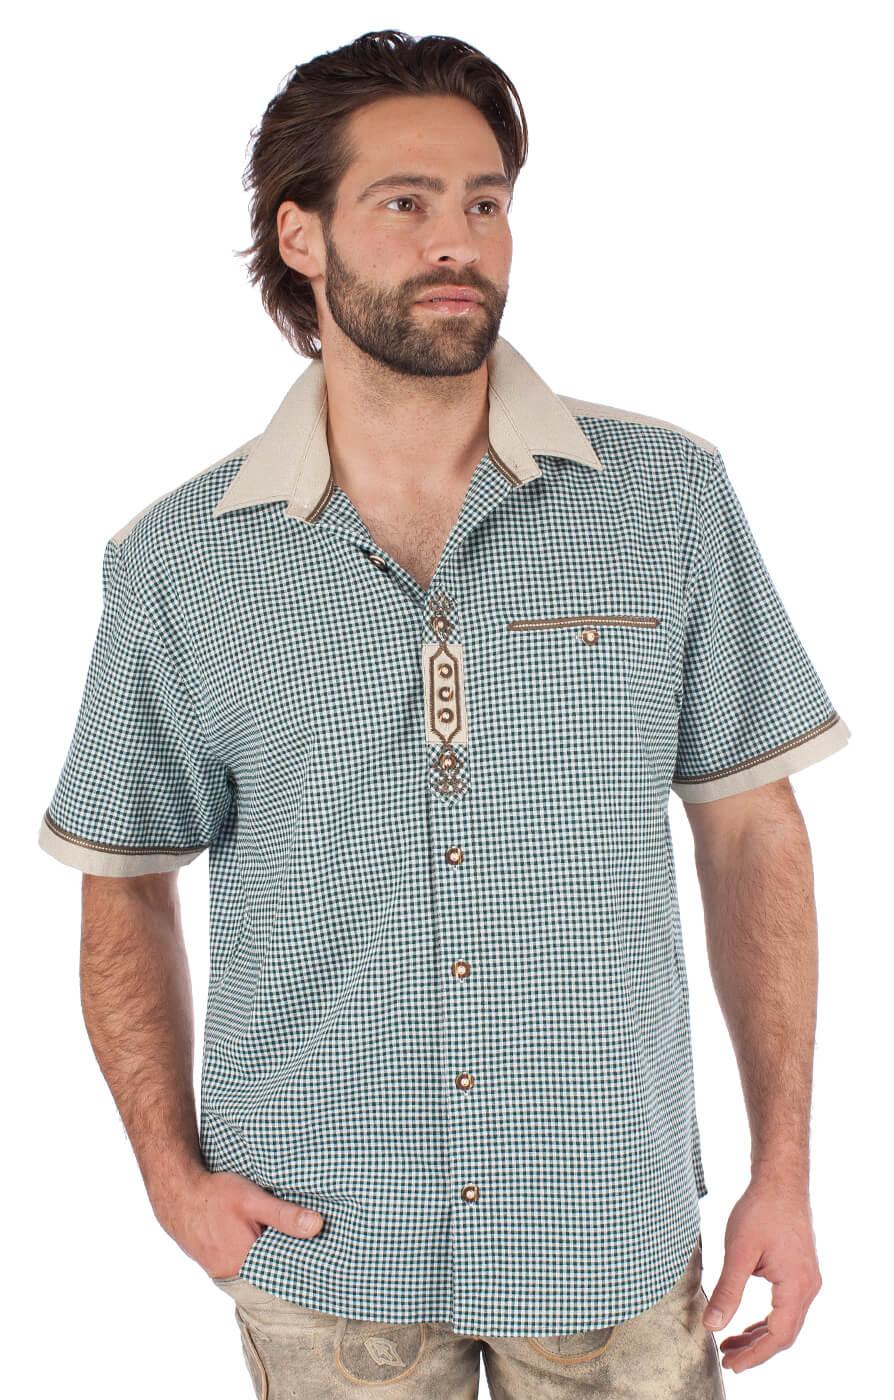 Trachtenhemd DOMINIC Halbarm grün von OS-Trachten